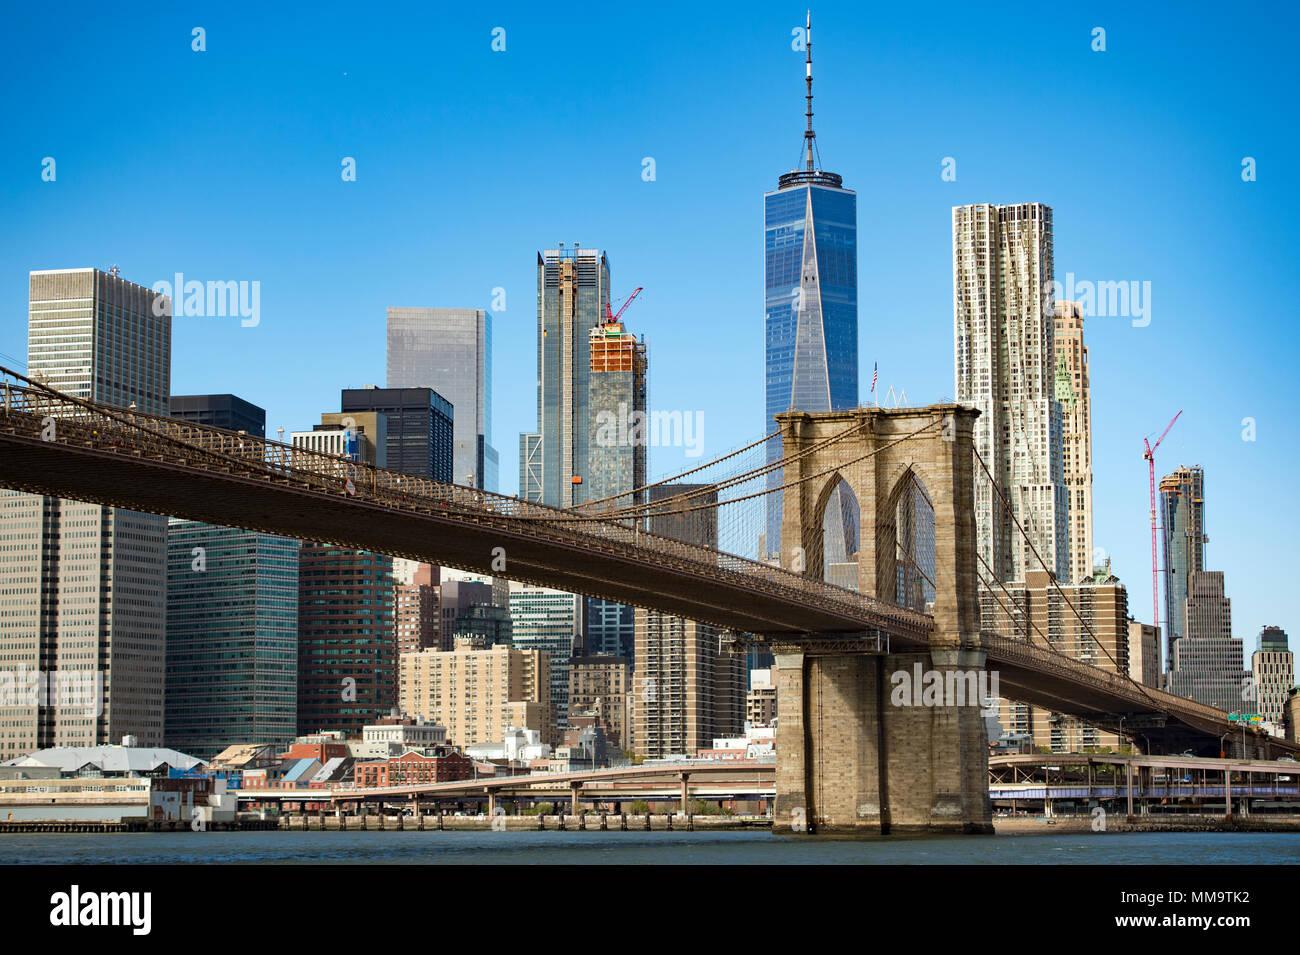 Manhattan skyline avec le pont de Brooklyn et le One World Trade Center dans le contexte au cours d'une journée ensoleillée à New York, USA. Photo Stock